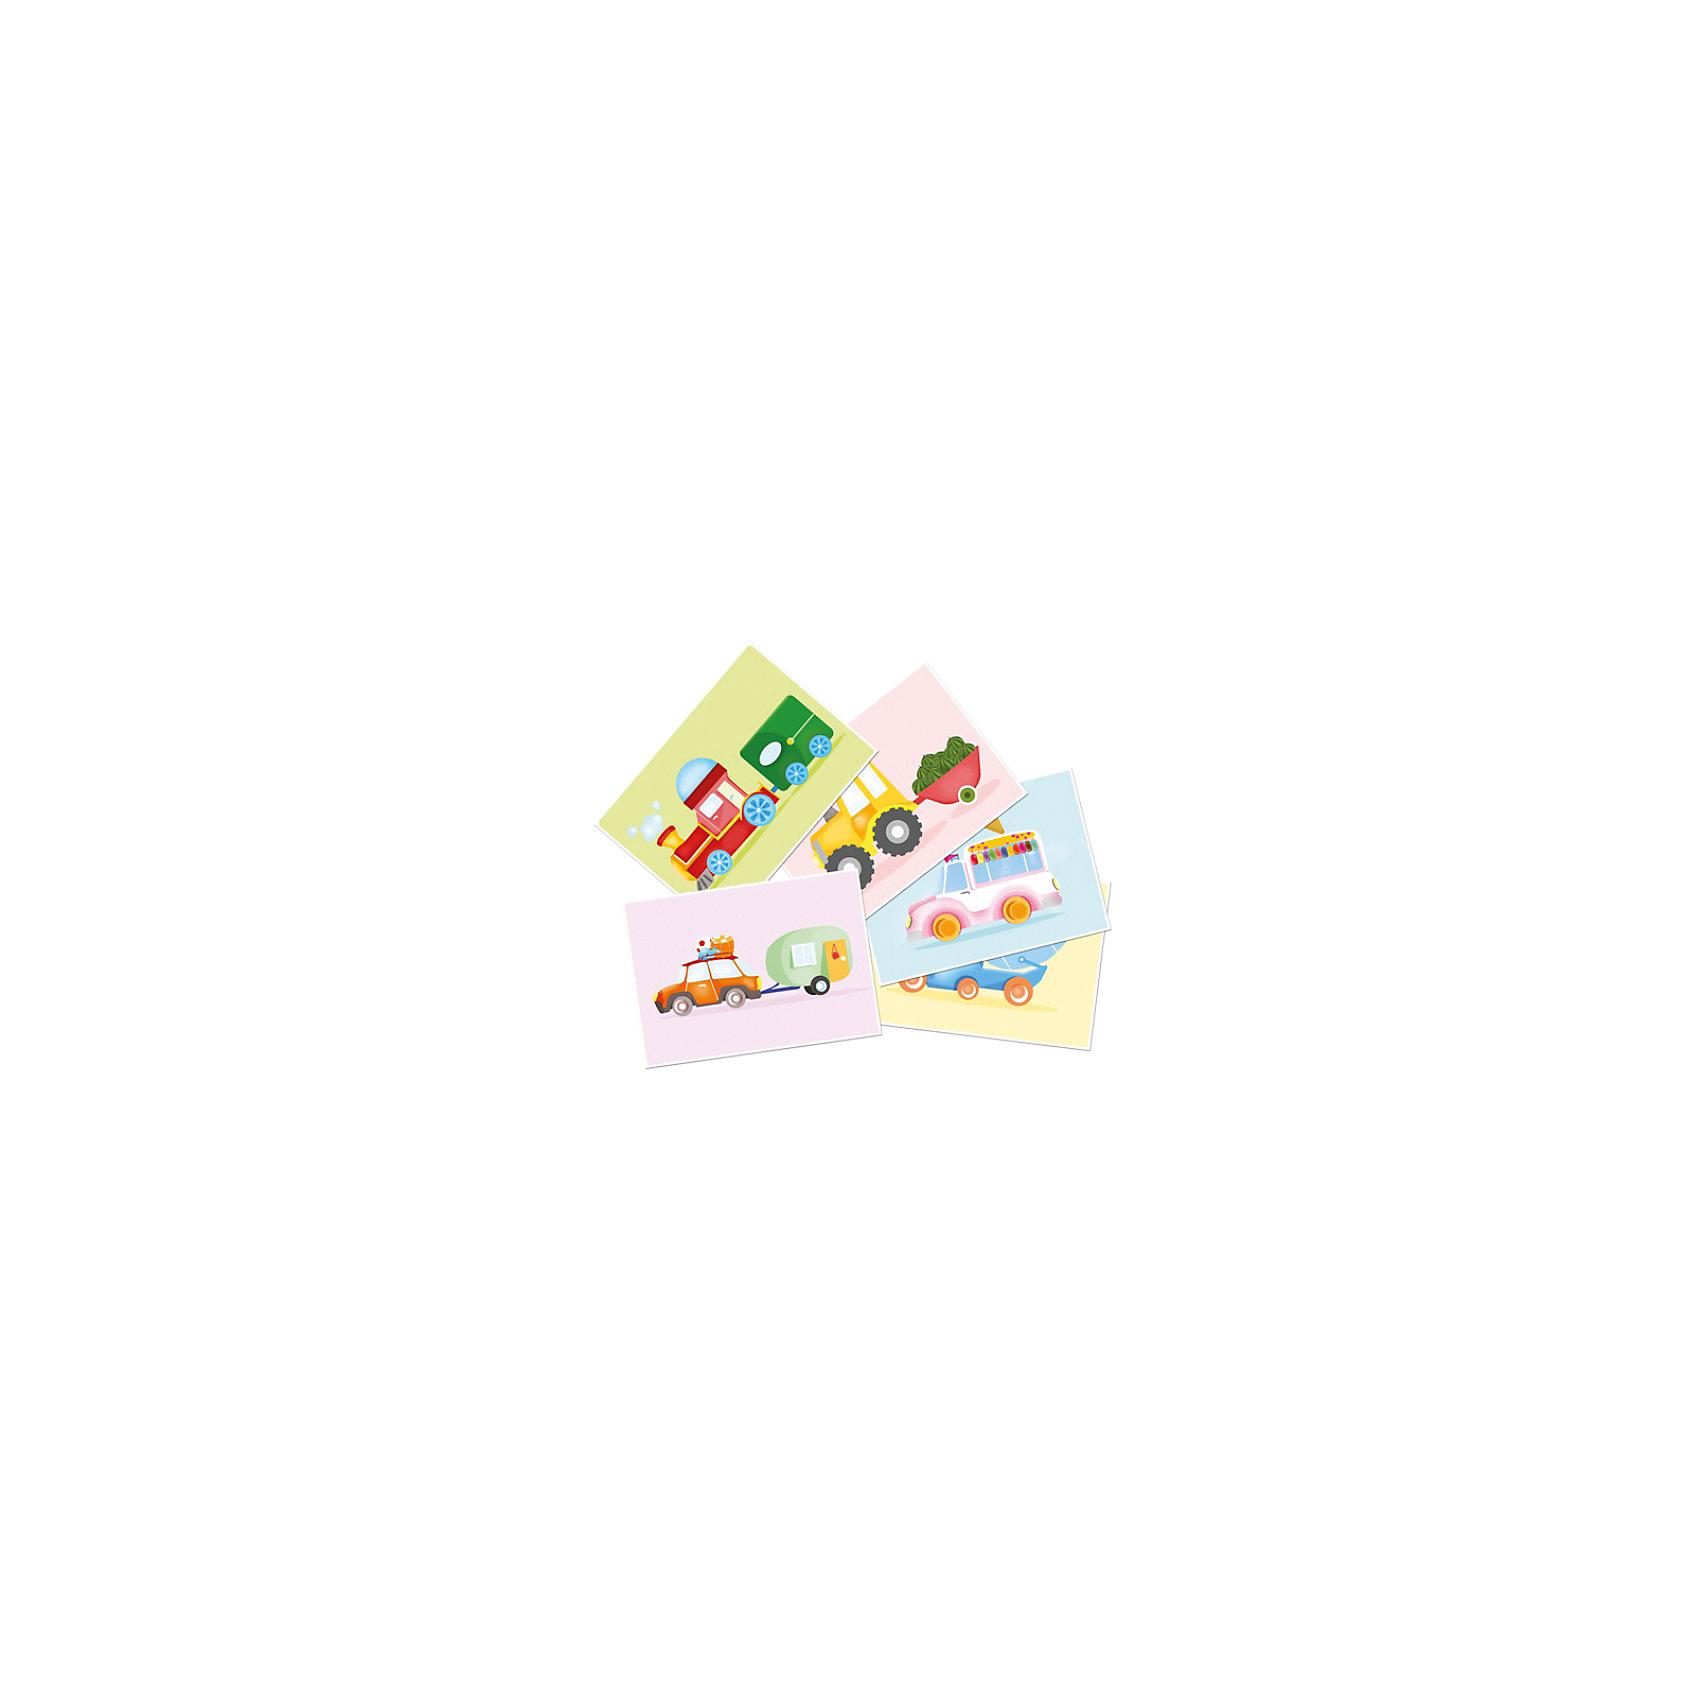 Веселый транспорт, Pic`n MixОбучающая игра пазл-липучка состоит из 5 игровых полей, заполняя которые, ребенок изучает названия и виды наземного транспорта, он учится не только их определять по внешнему виду, но и понимать назначение каждого из них. Развивает следующие навыки: логическое мышление; восприятие формы и цвета; зрительную память; речевое общение; мелкую моторику рук.<br><br>Ширина мм: 250<br>Глубина мм: 160<br>Высота мм: 52<br>Вес г: 300<br>Возраст от месяцев: 36<br>Возраст до месяцев: 60<br>Пол: Унисекс<br>Возраст: Детский<br>SKU: 4443051